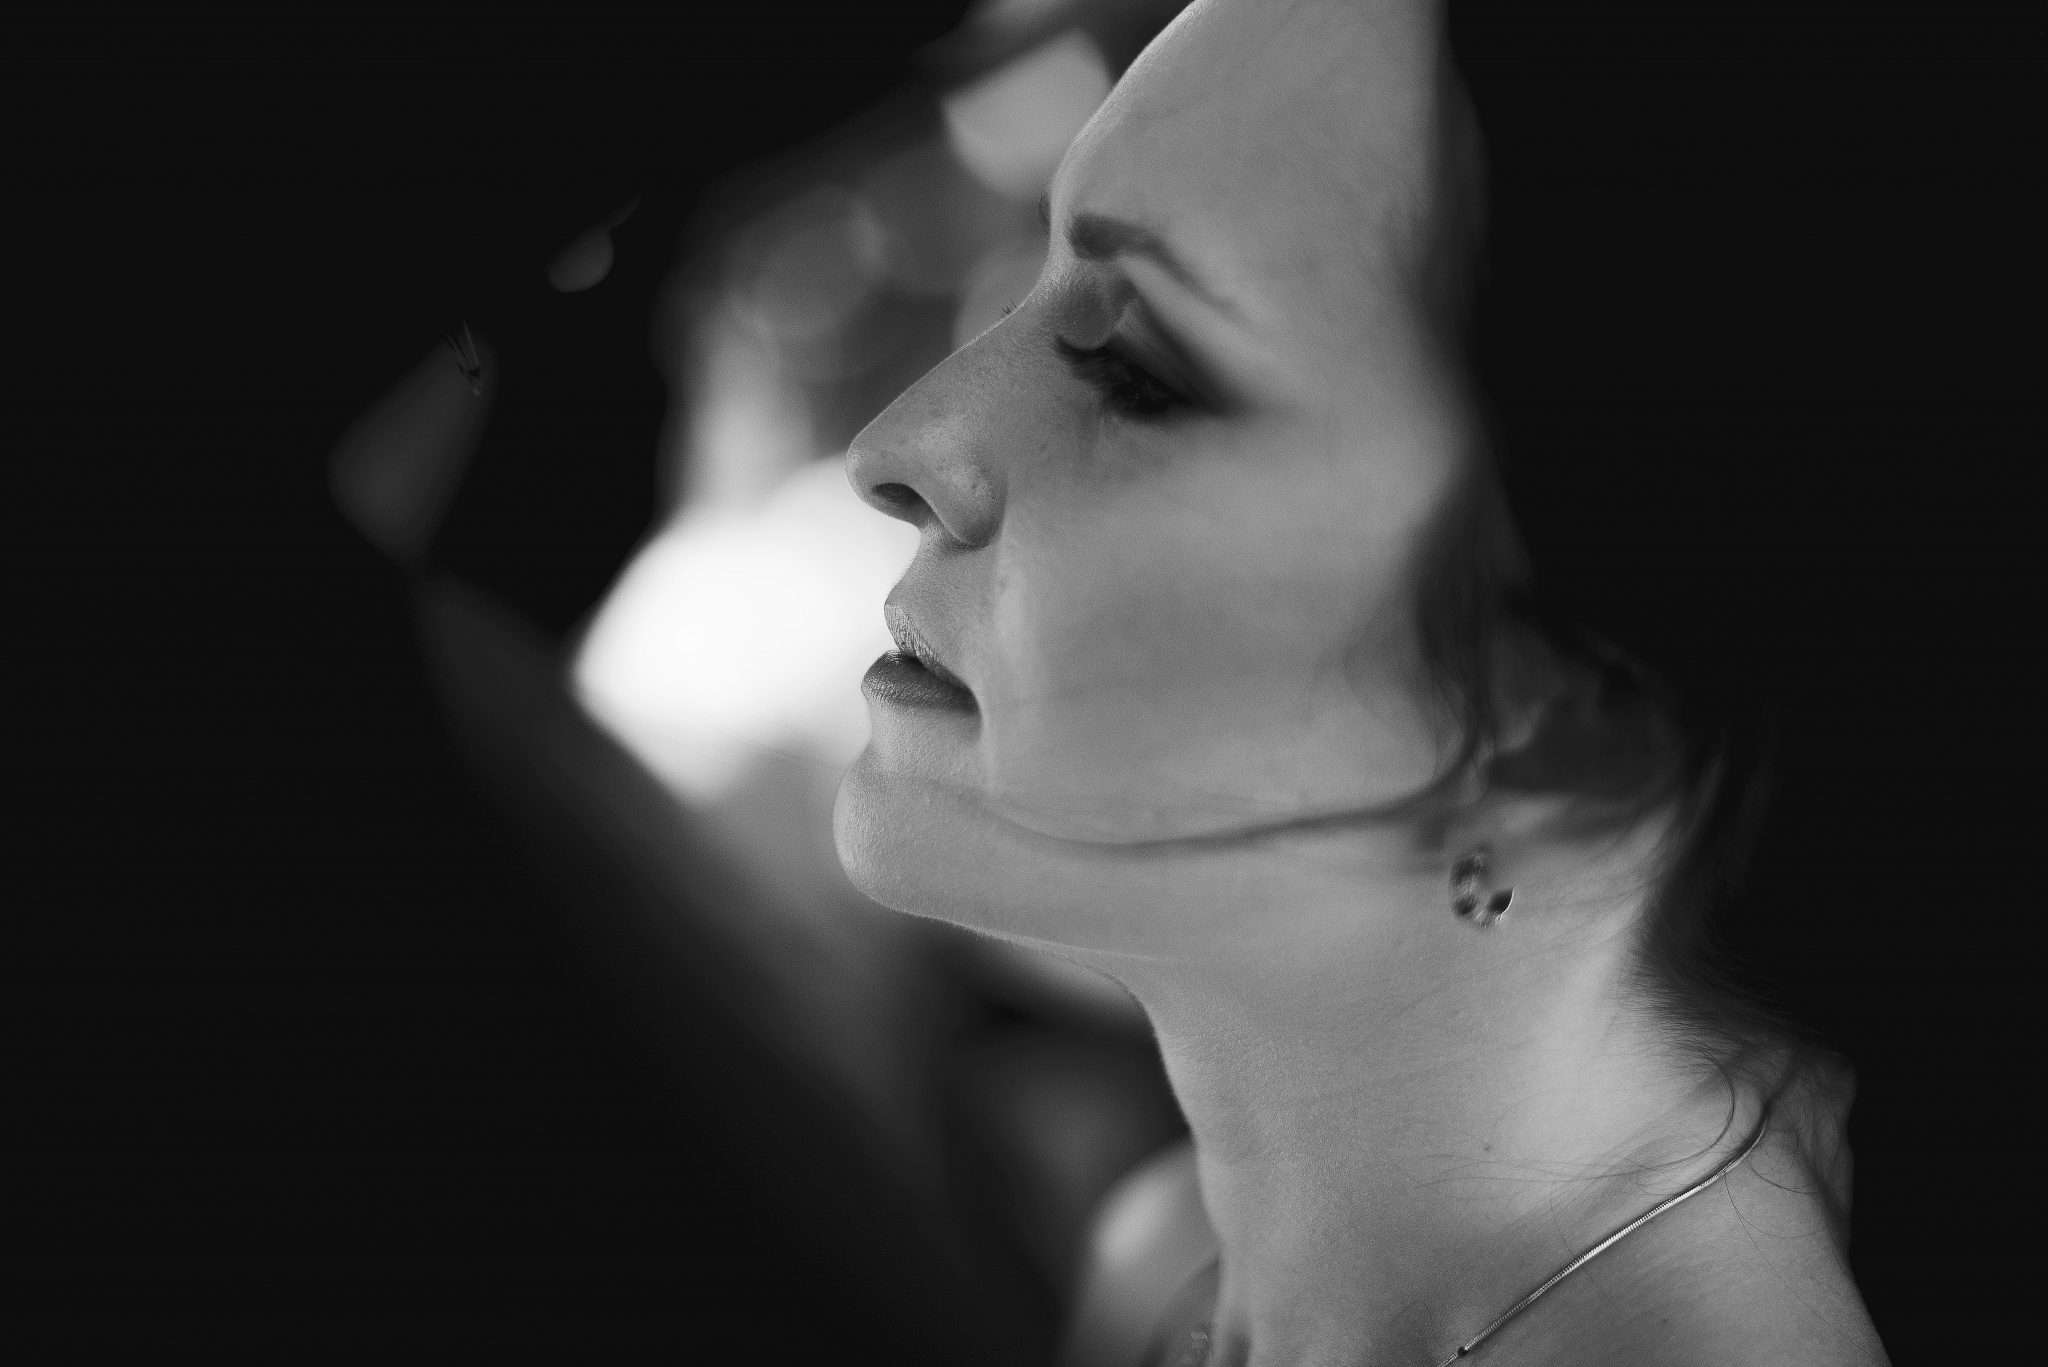 Fotografia profilo sposa in biancoenero realizzata da Barbara Trincone fotografa con studio a Pozzuoli - Napoli